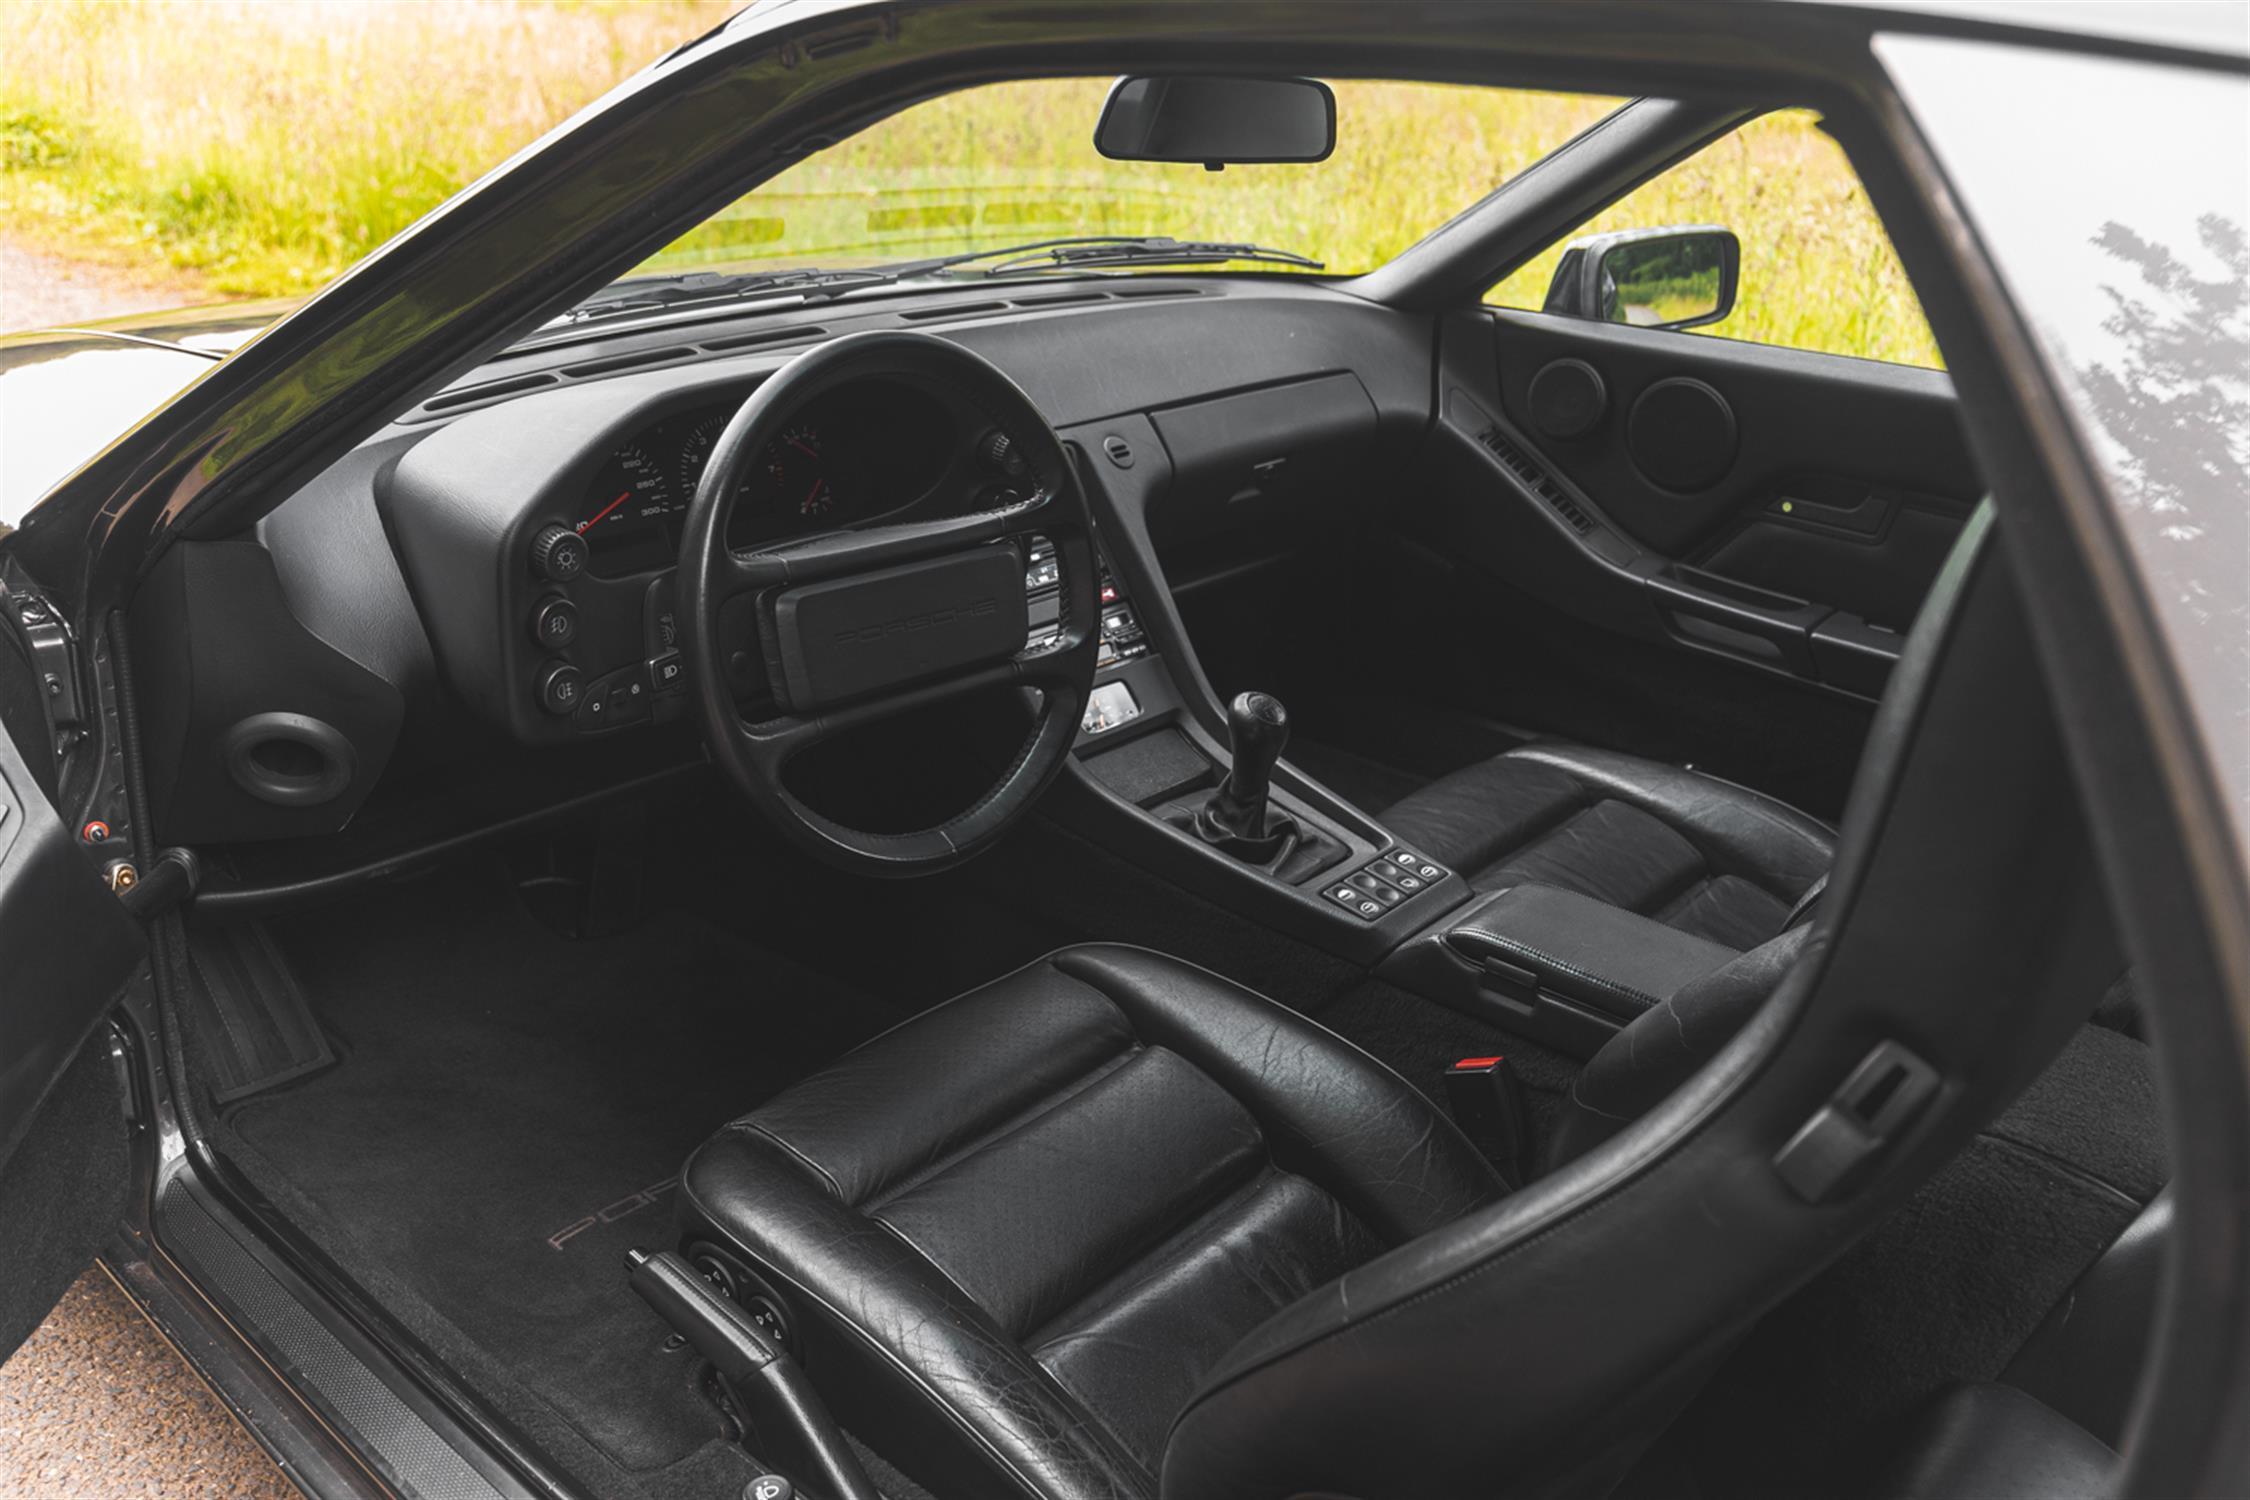 1991 Porsche 928 GT - Image 3 of 10